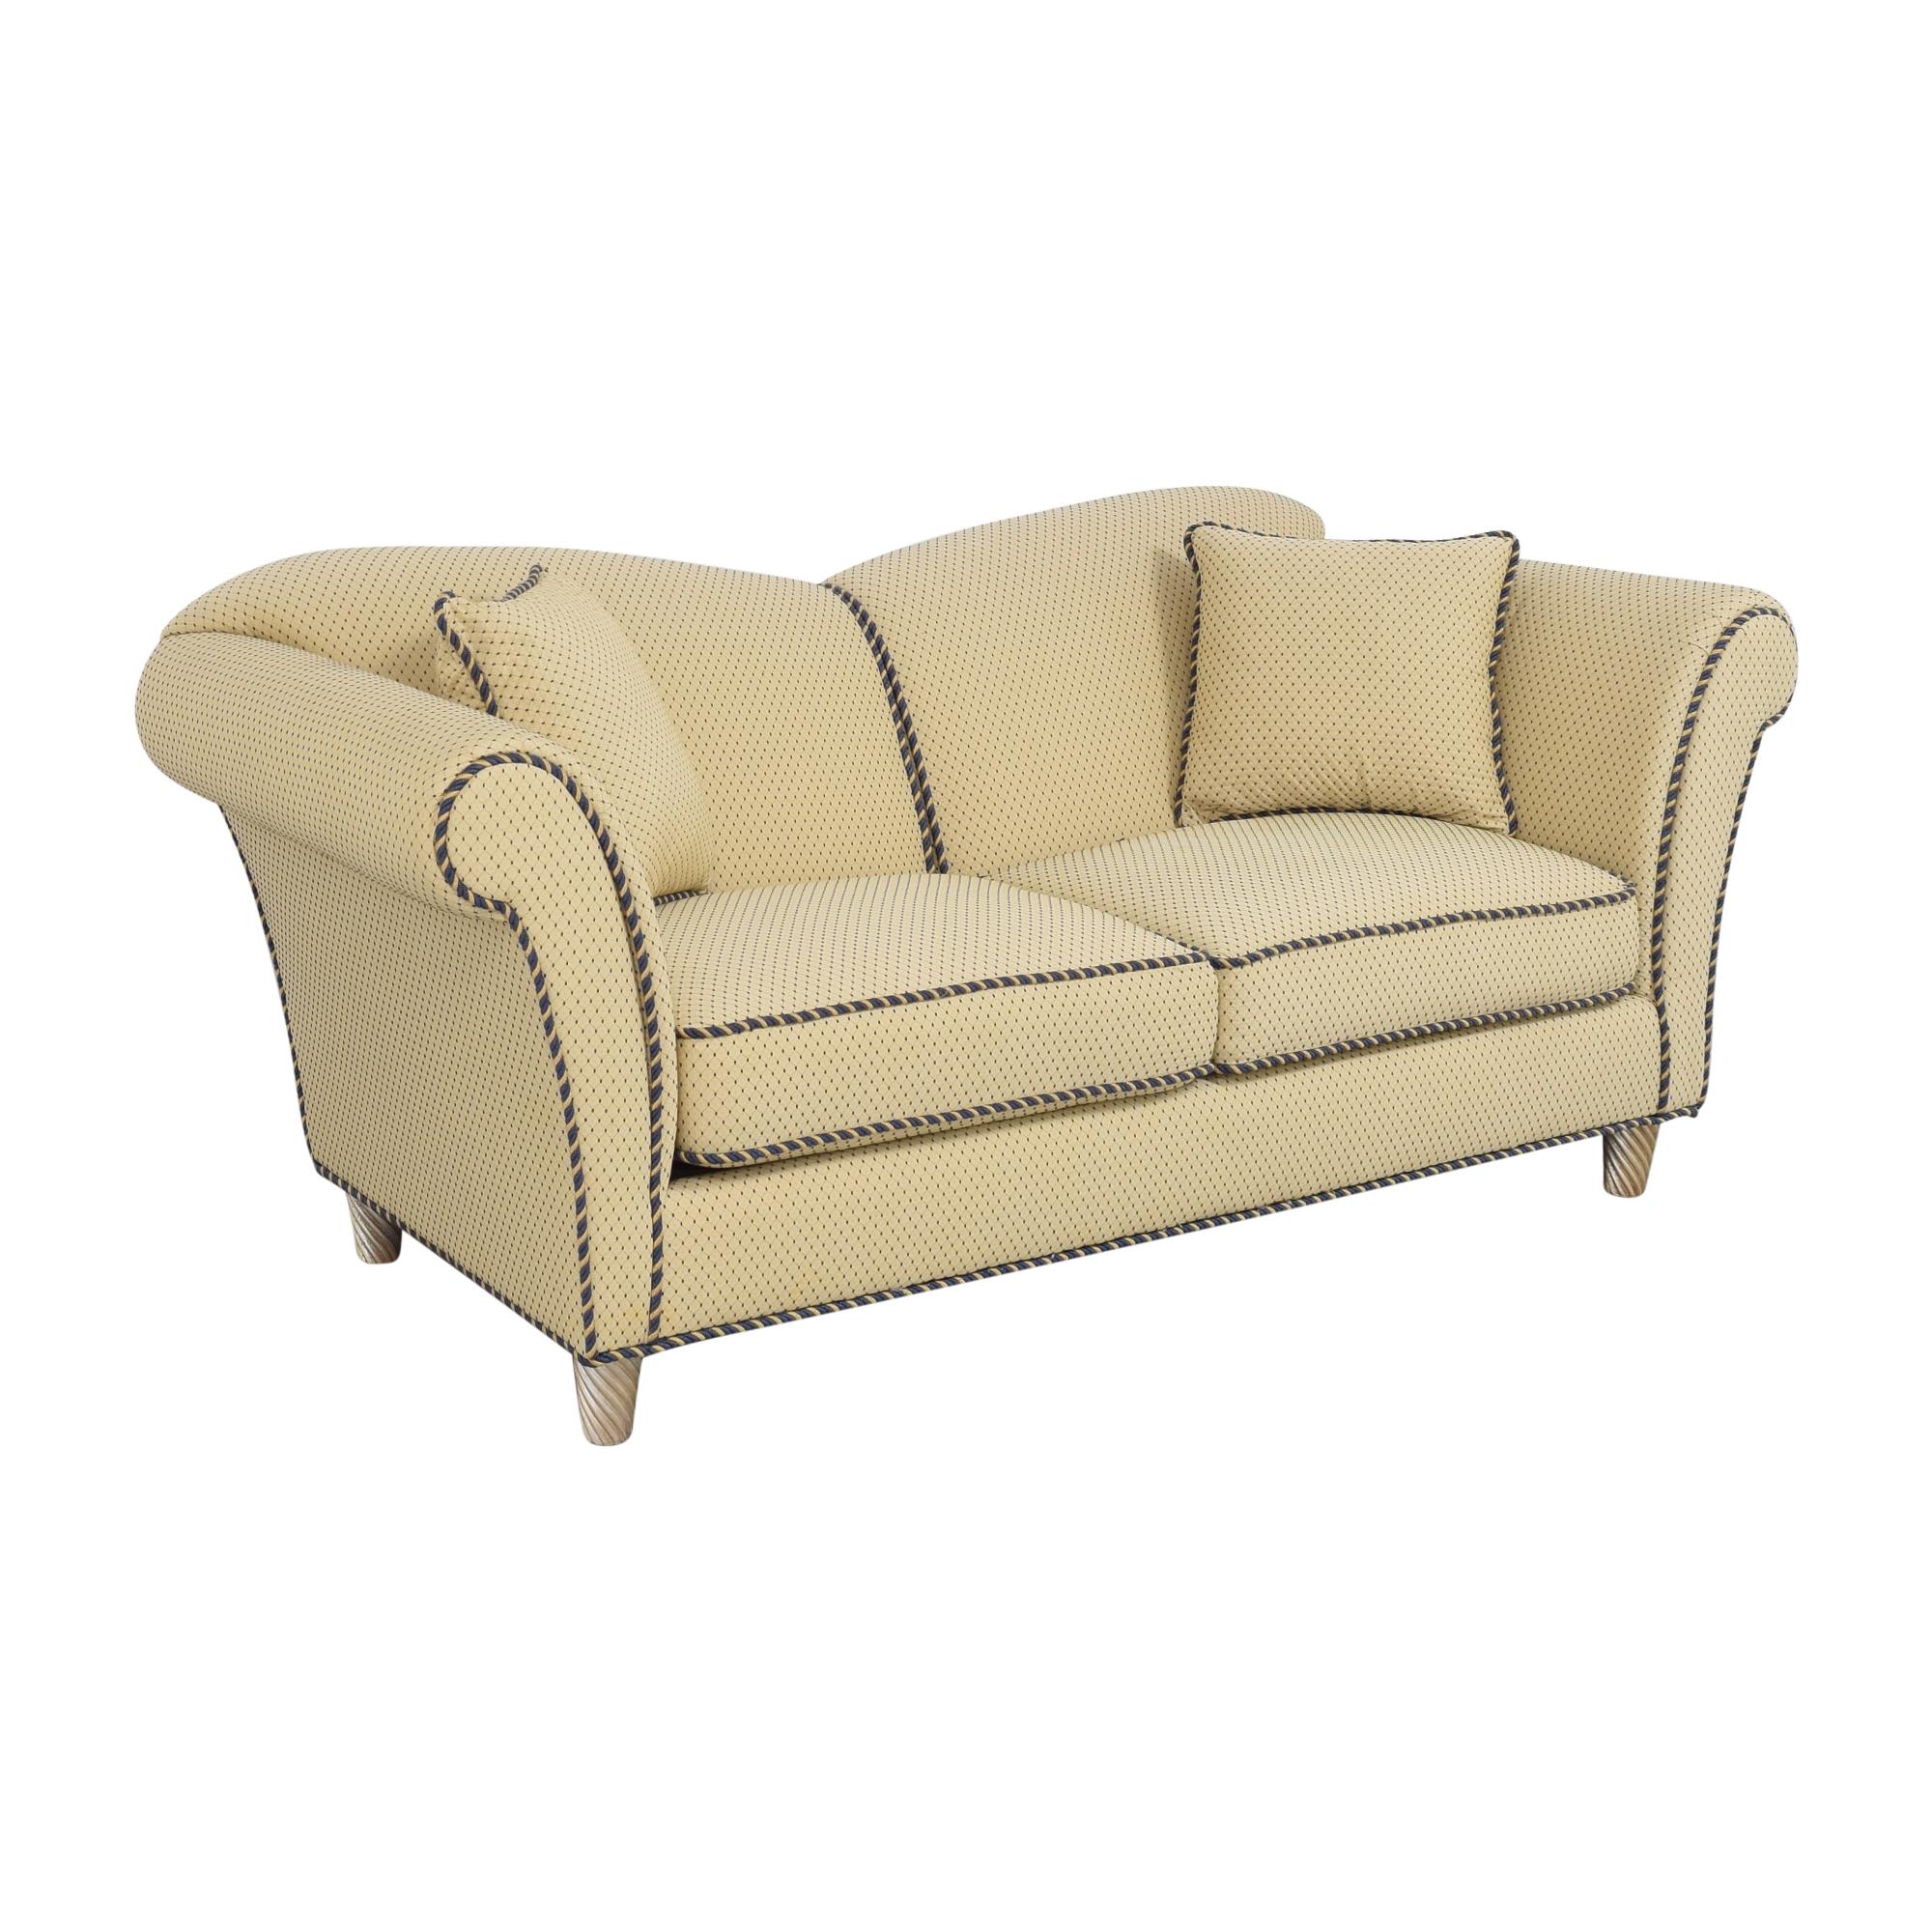 Kravet Kravet Custom Two Cushion Sofa Classic Sofas